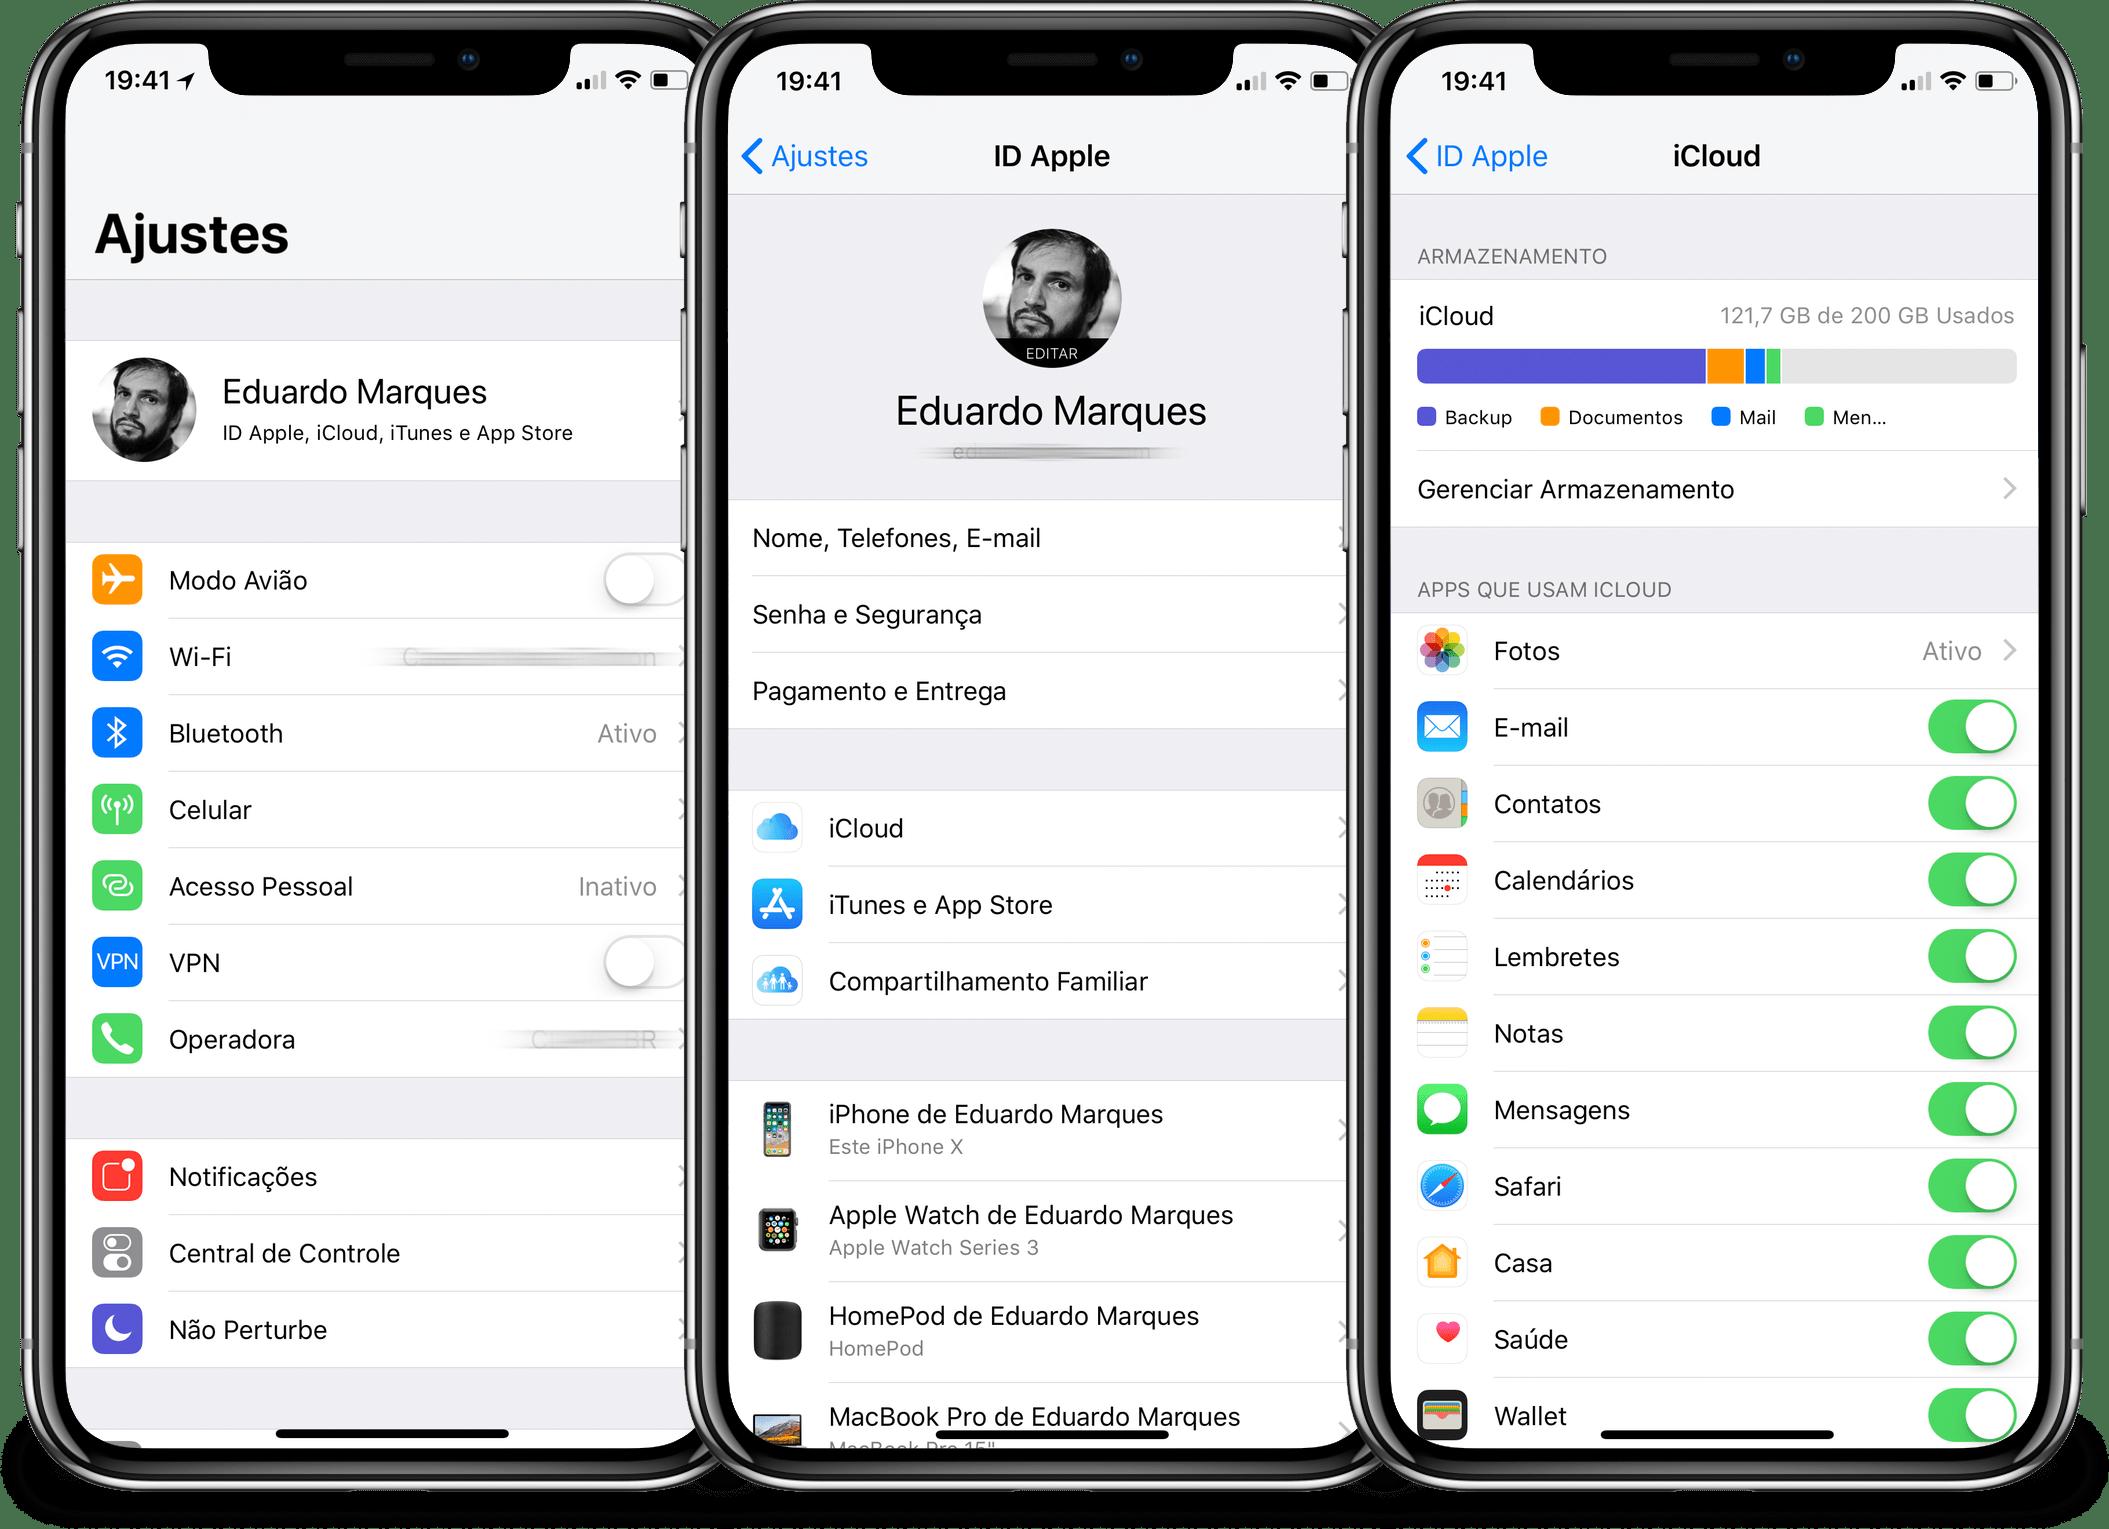 Enabling Messages in iCloud